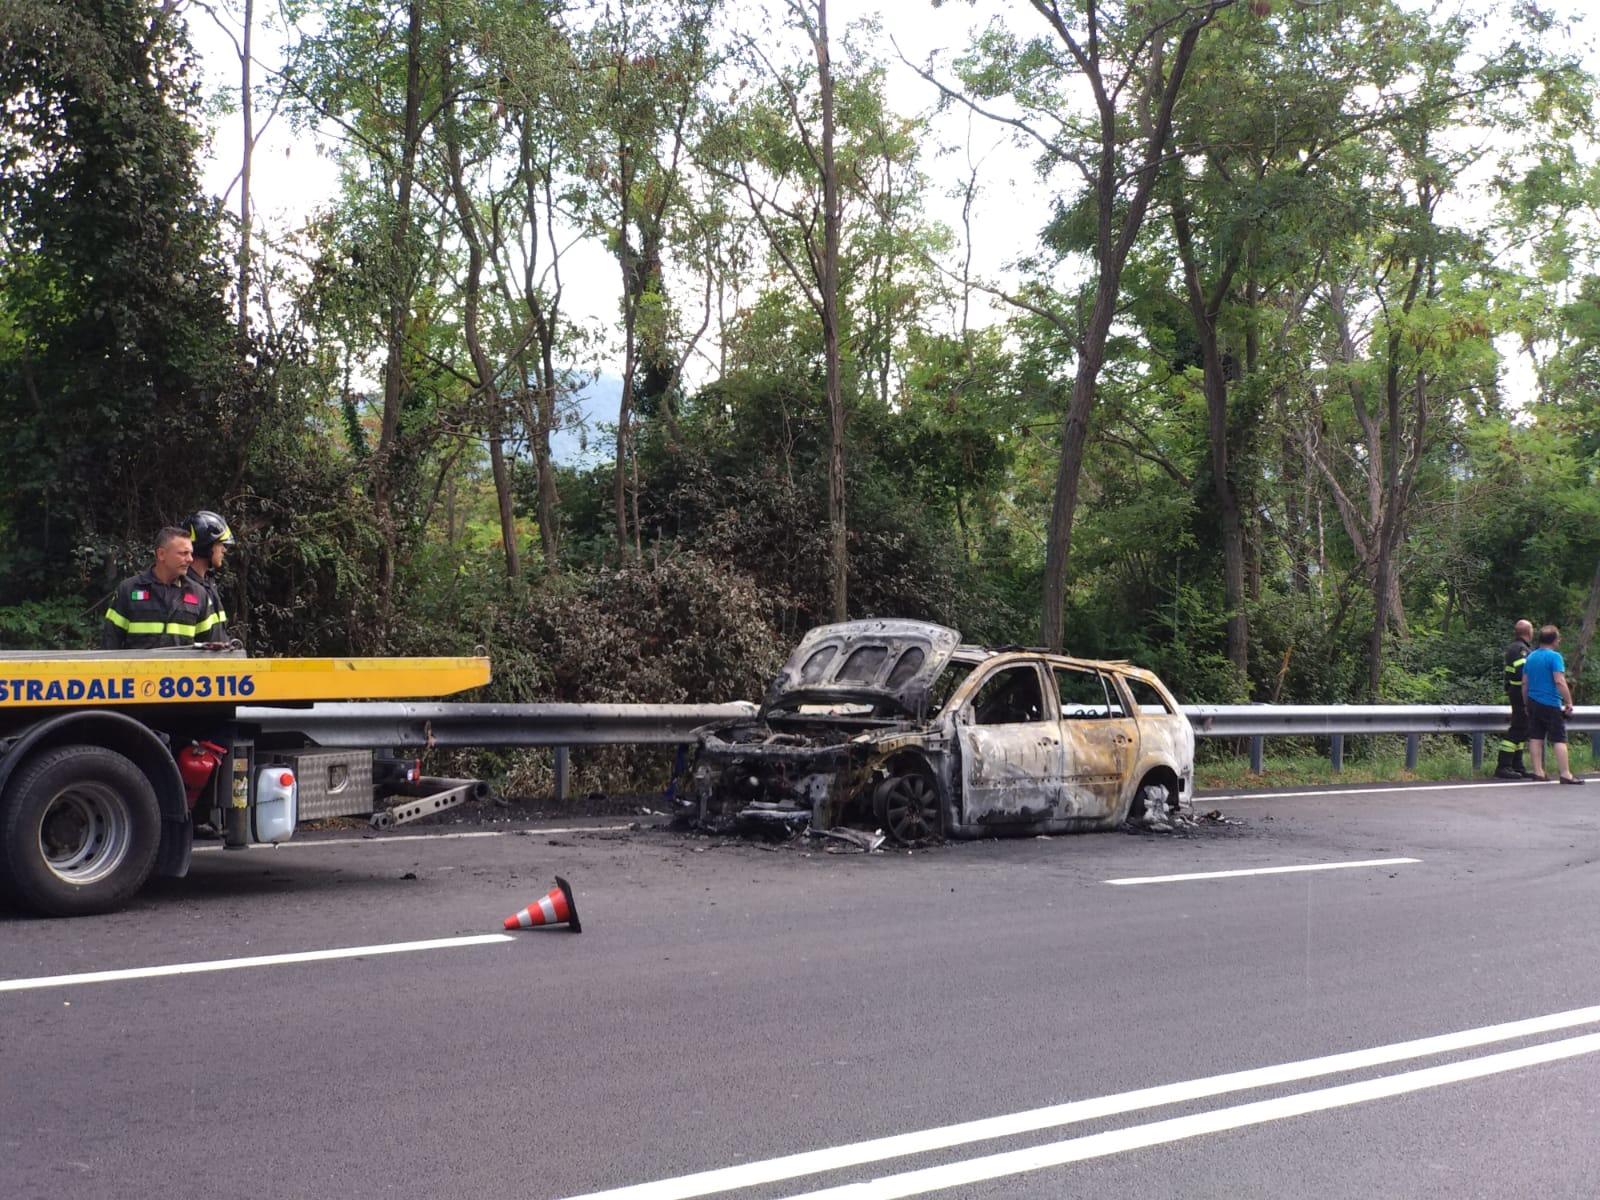 Rionero Sannitico: paura sulla statale, va a fuoco Renault Megane, conducente salvo per miracolo.